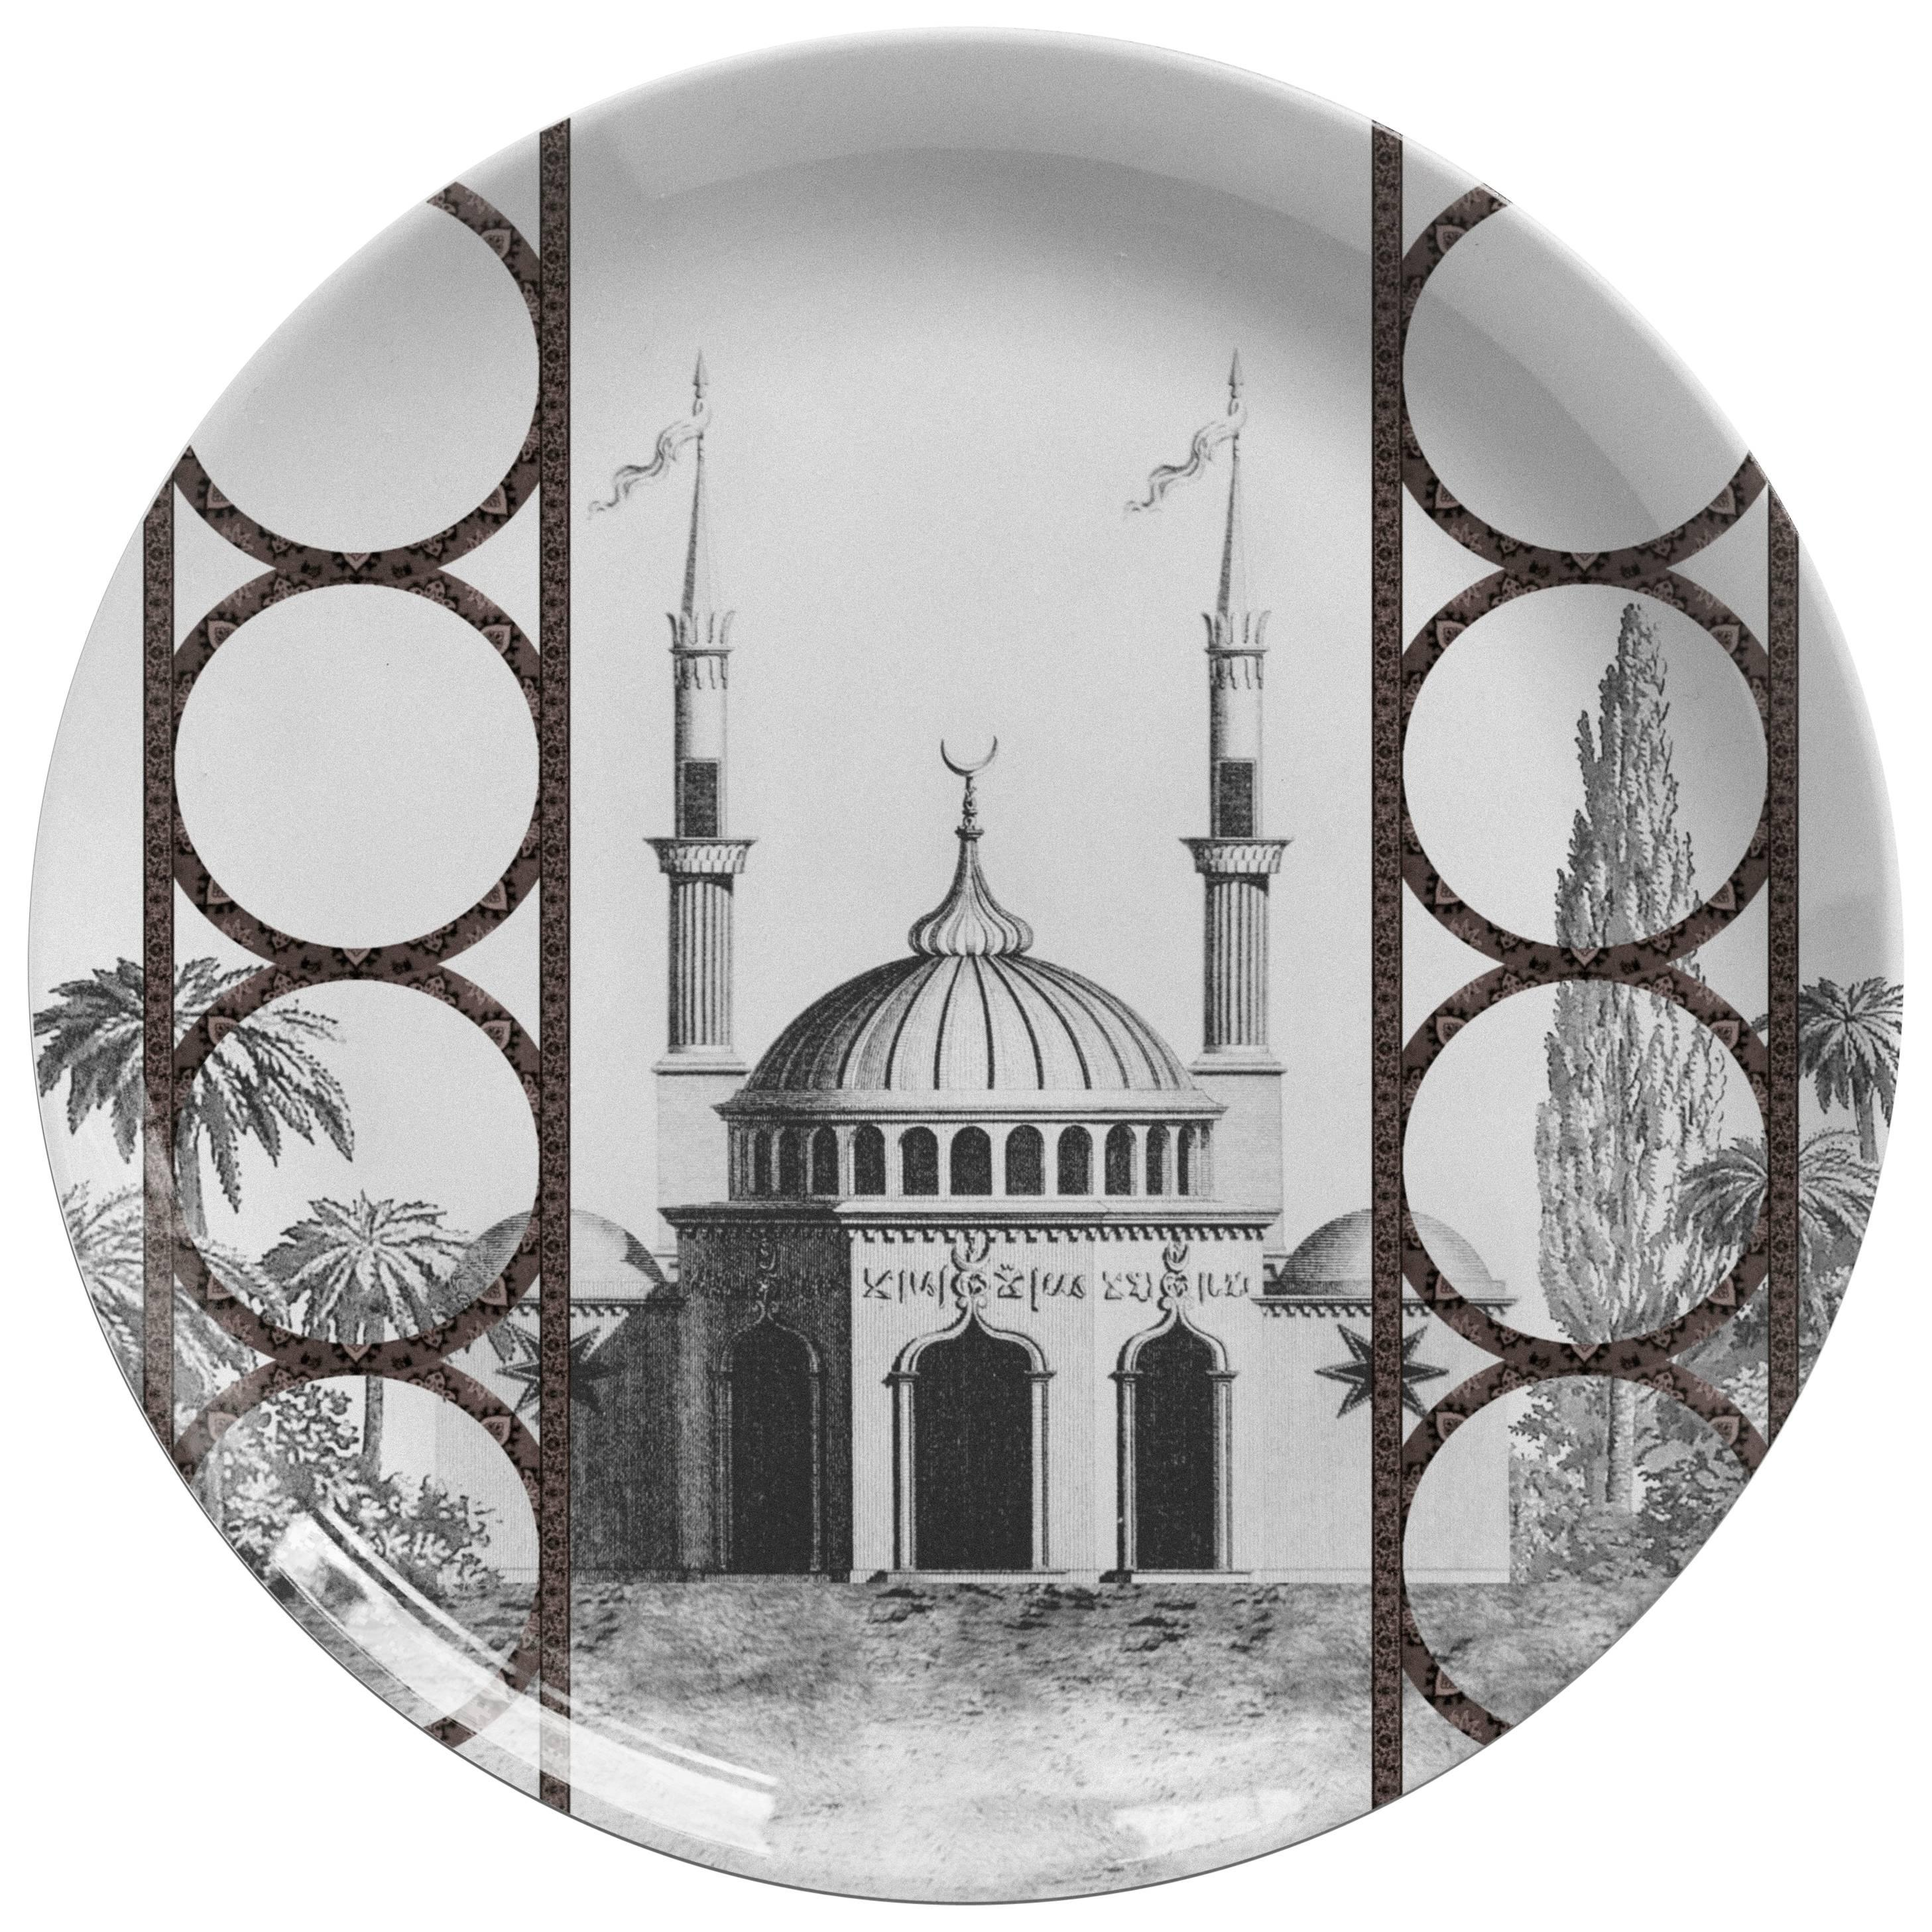 Toptaki Black Porcelain Dinner Plate by Vito Nesta for Les Ottomans